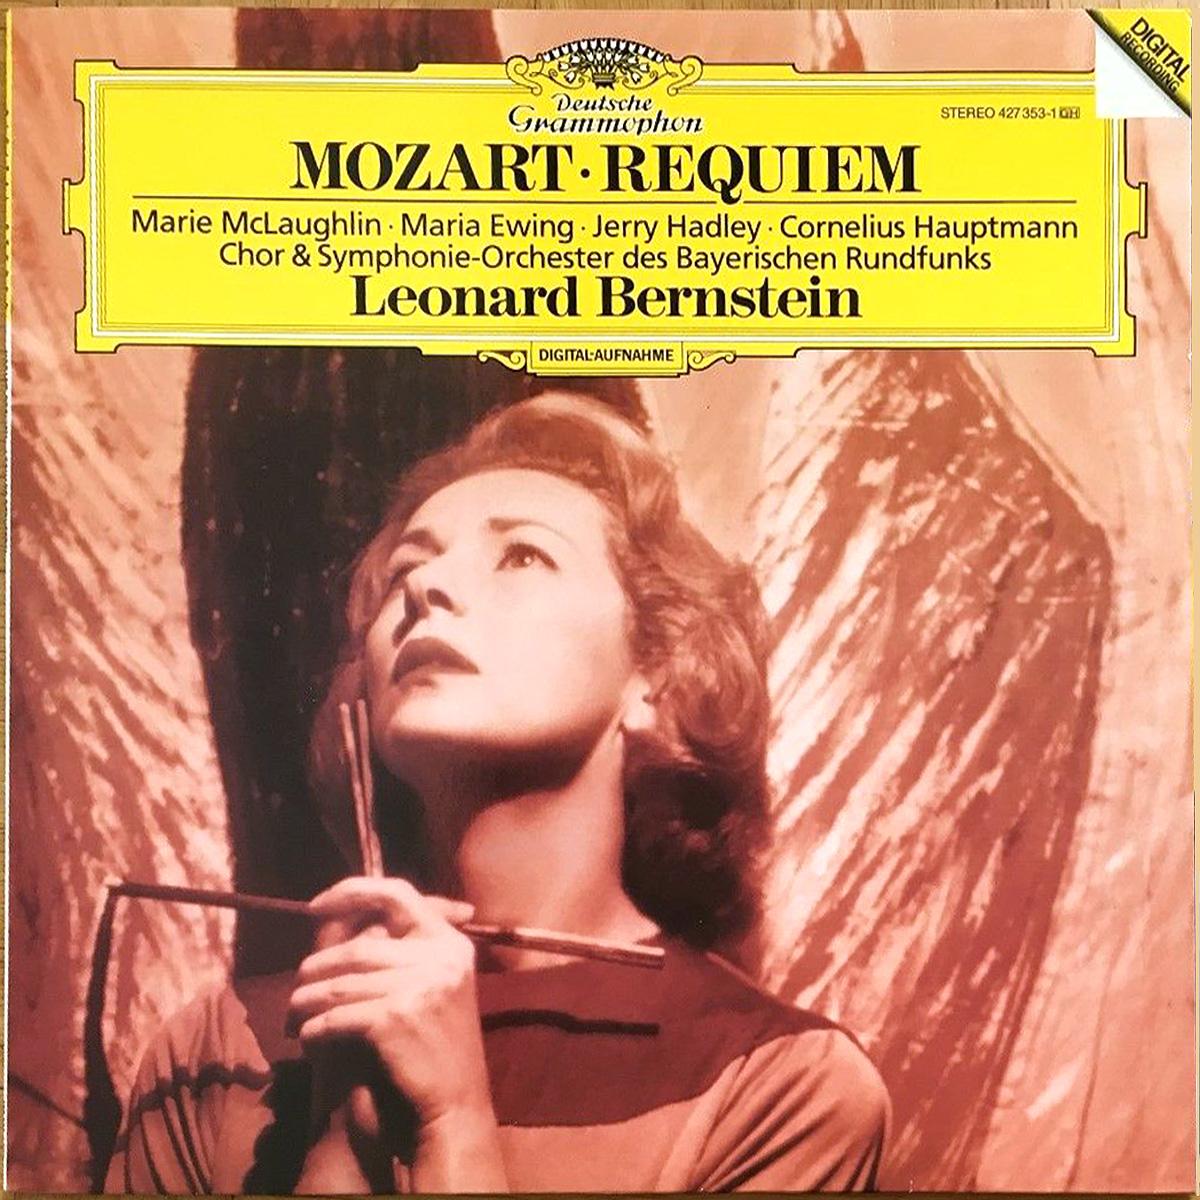 DGG 427 353 Mozart Requiem Bernstein DGG Digital Aufnahme